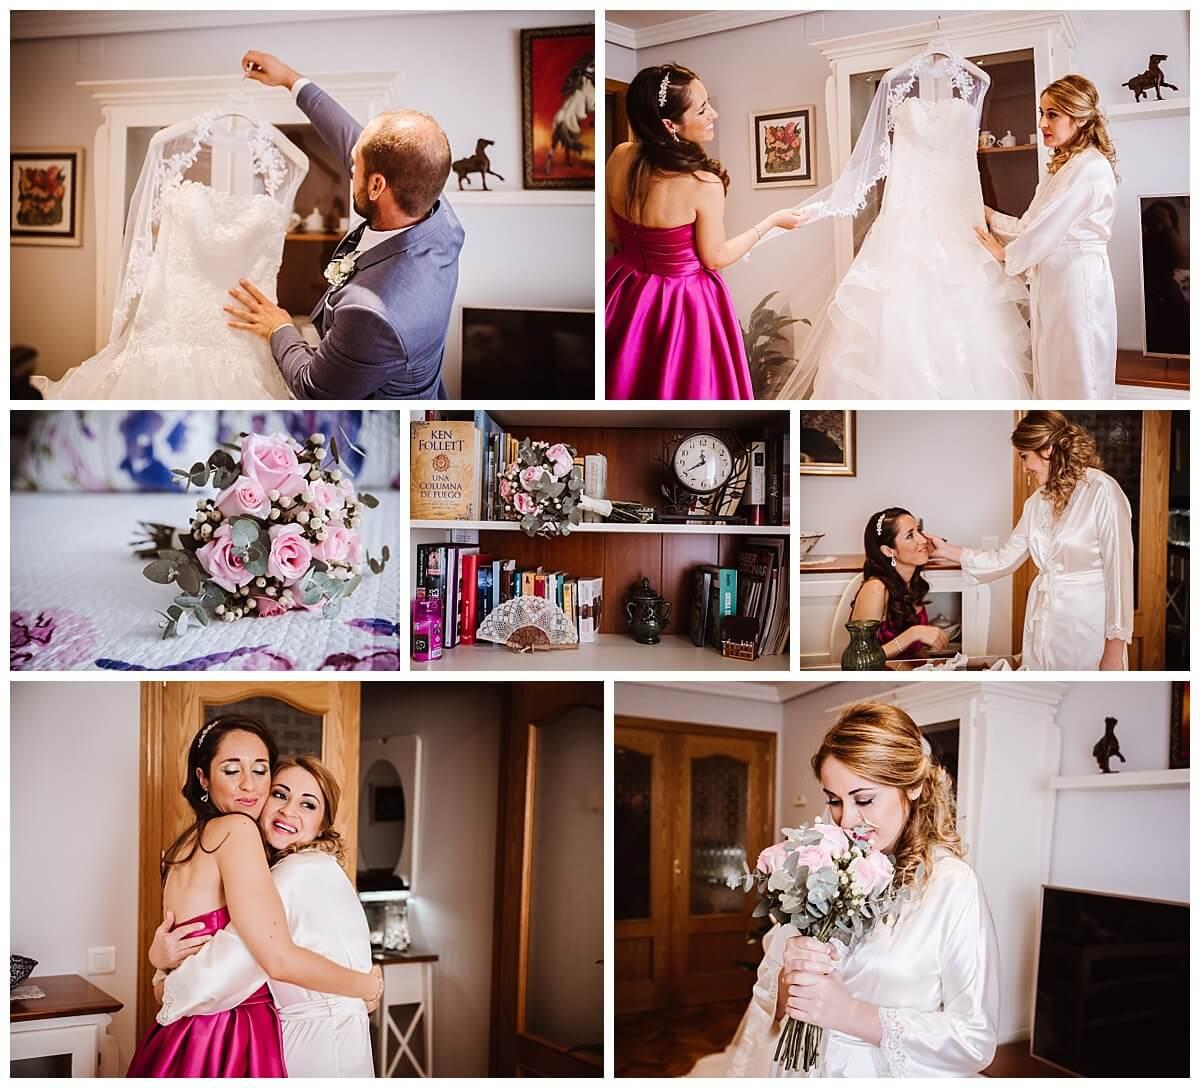 boda-en-bodegas-pago-del-vicario-ciudad-real-de-Elena-e-Ignacio